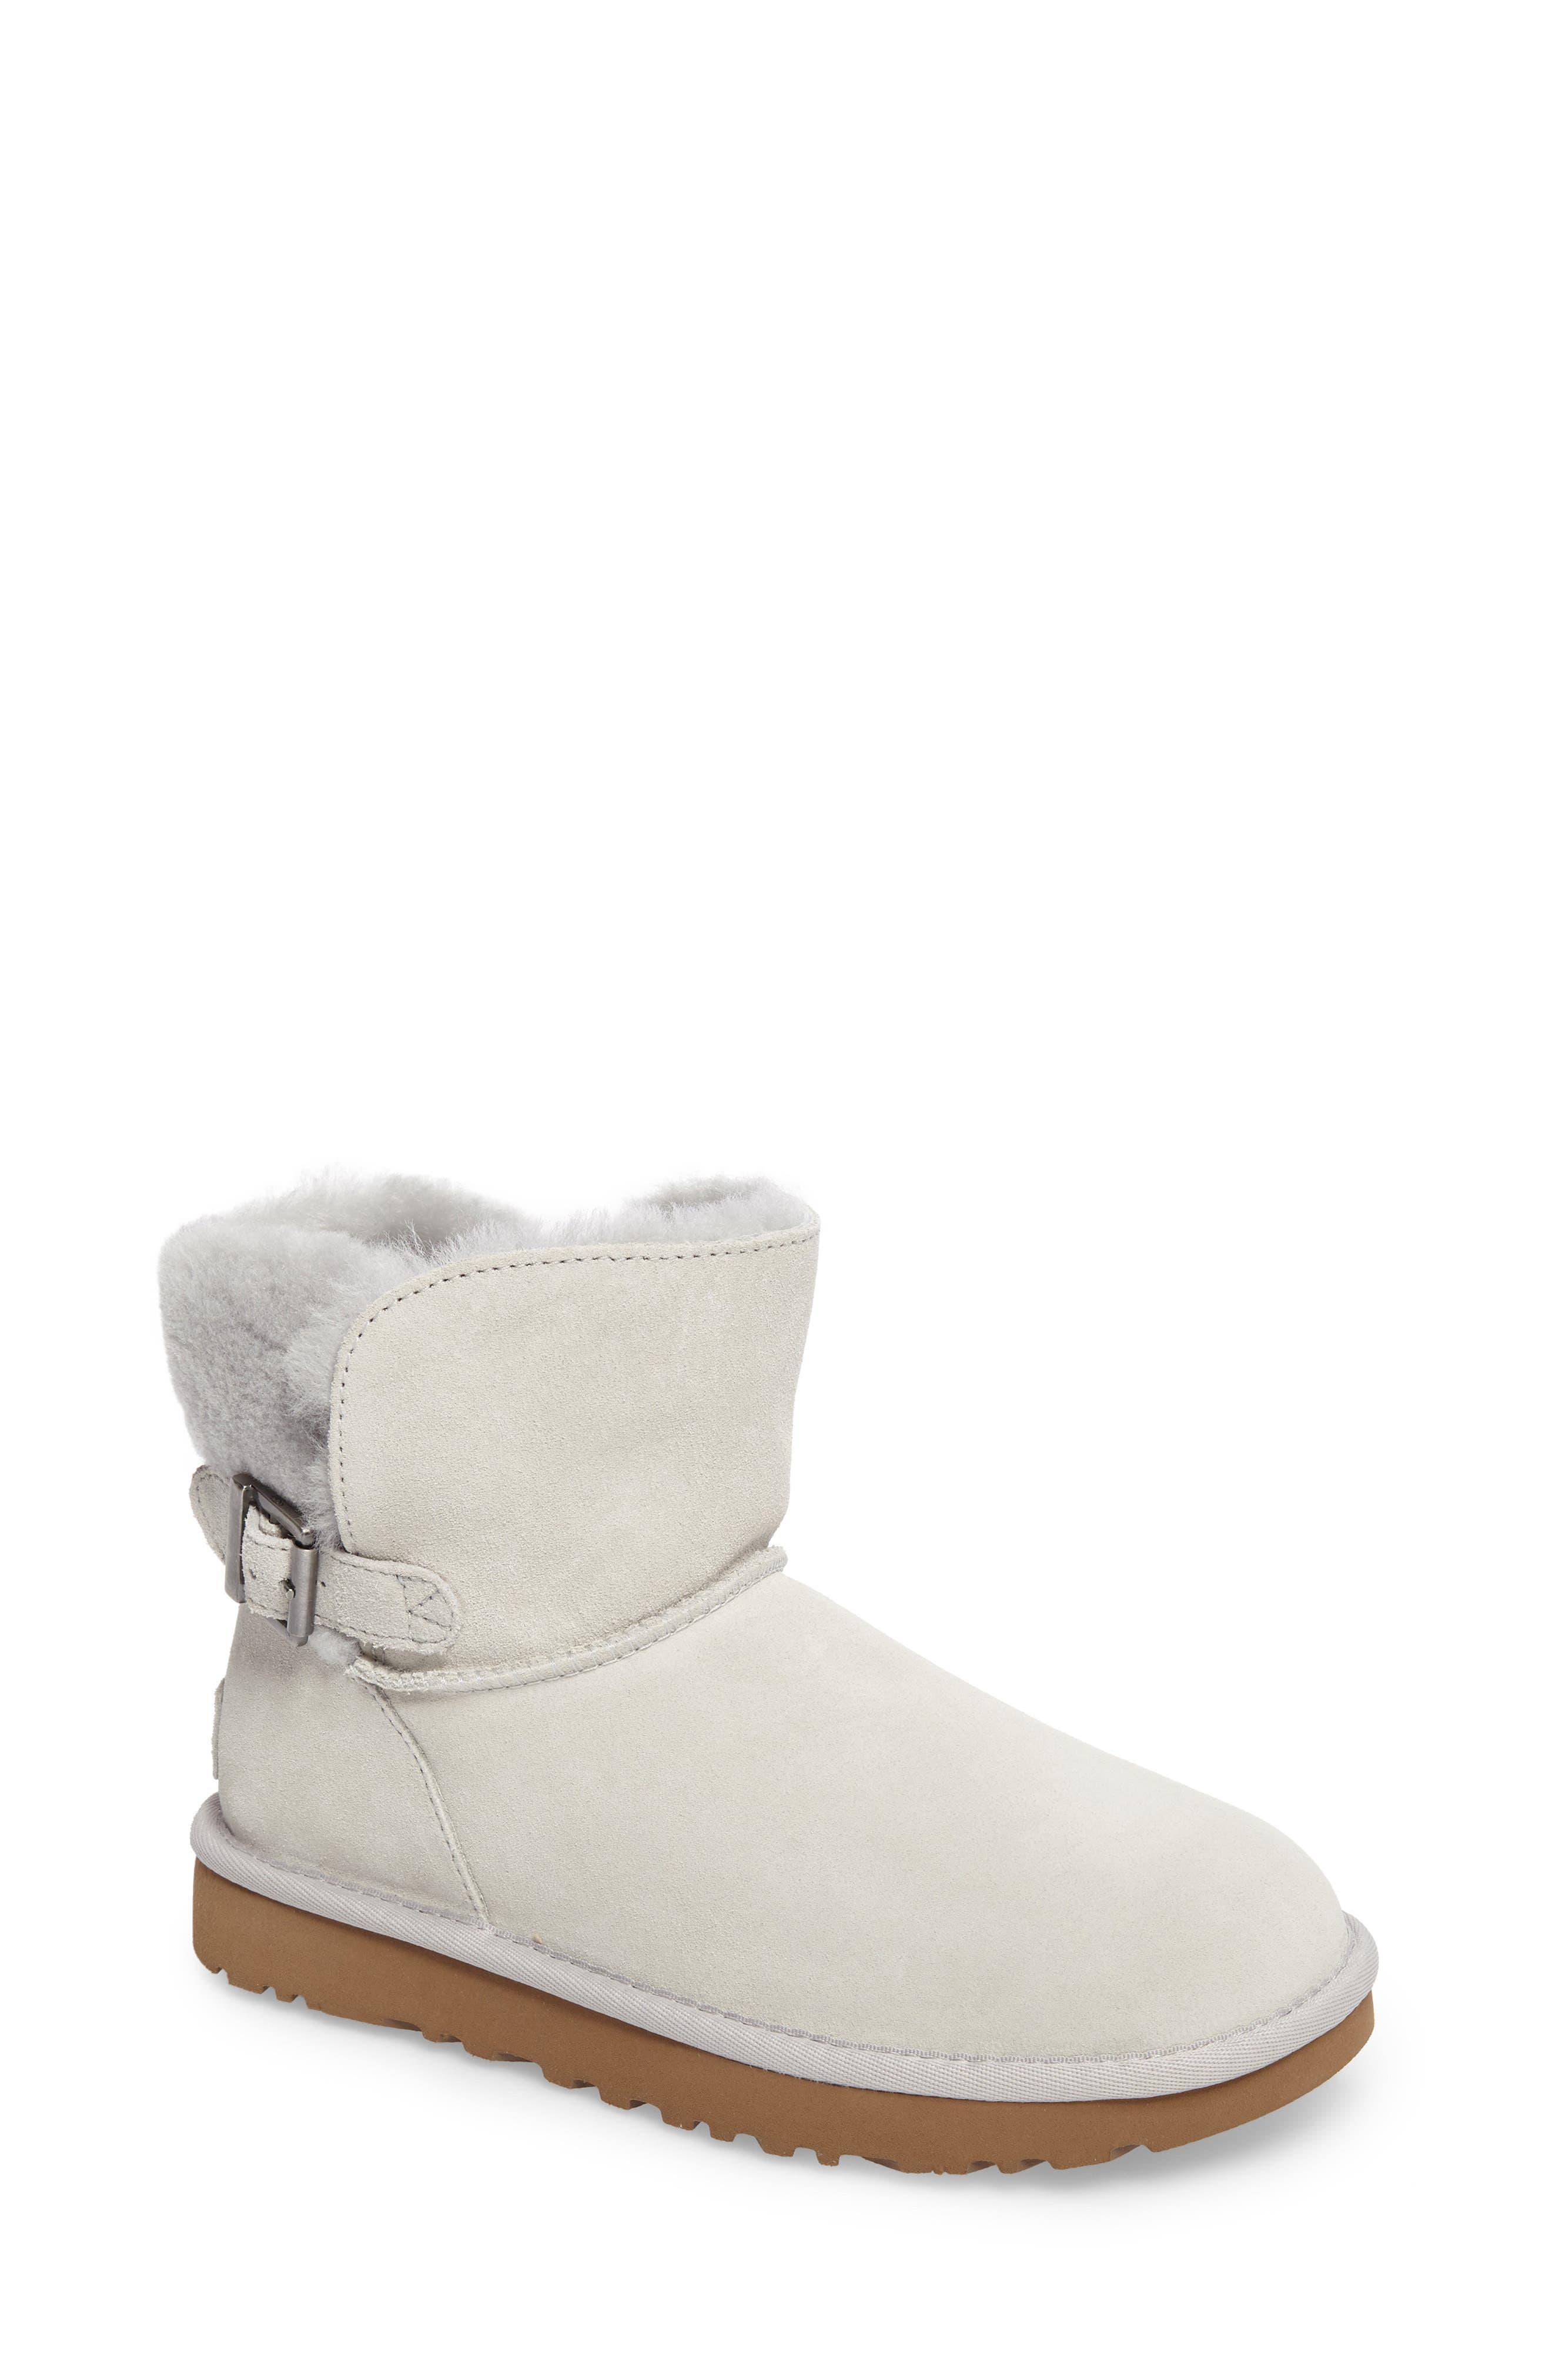 Main Image - UGG® Karel Boot (Women)